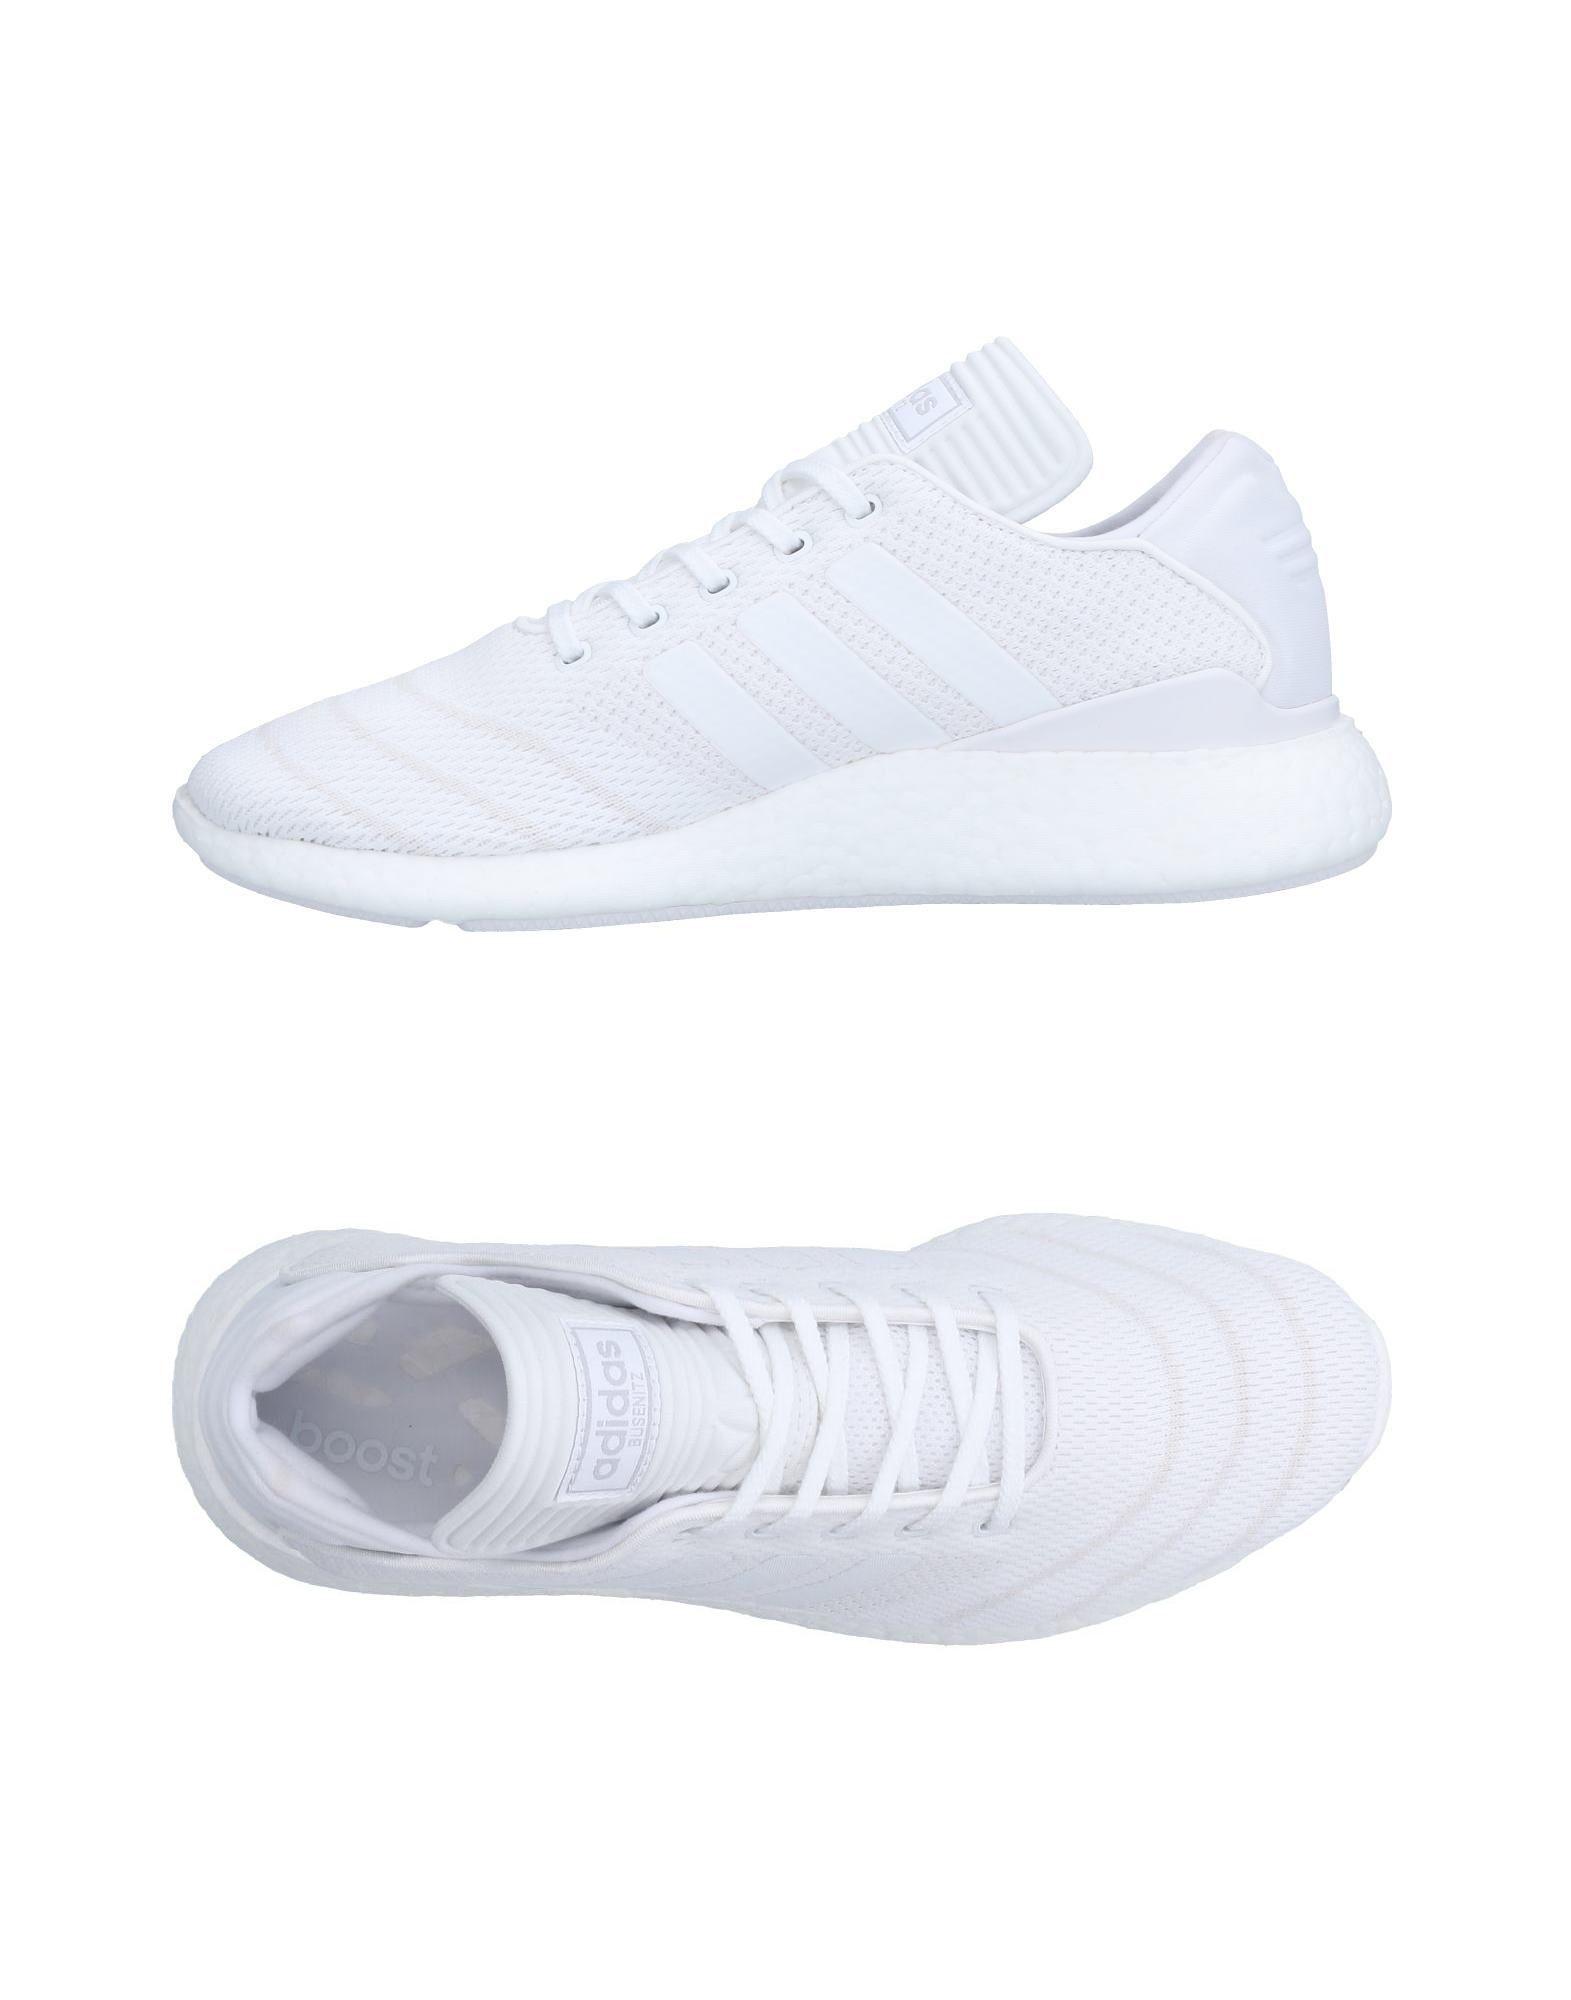 ADIDAS Низкие кеды и кроссовки кроссовки adidas 2013 g96879